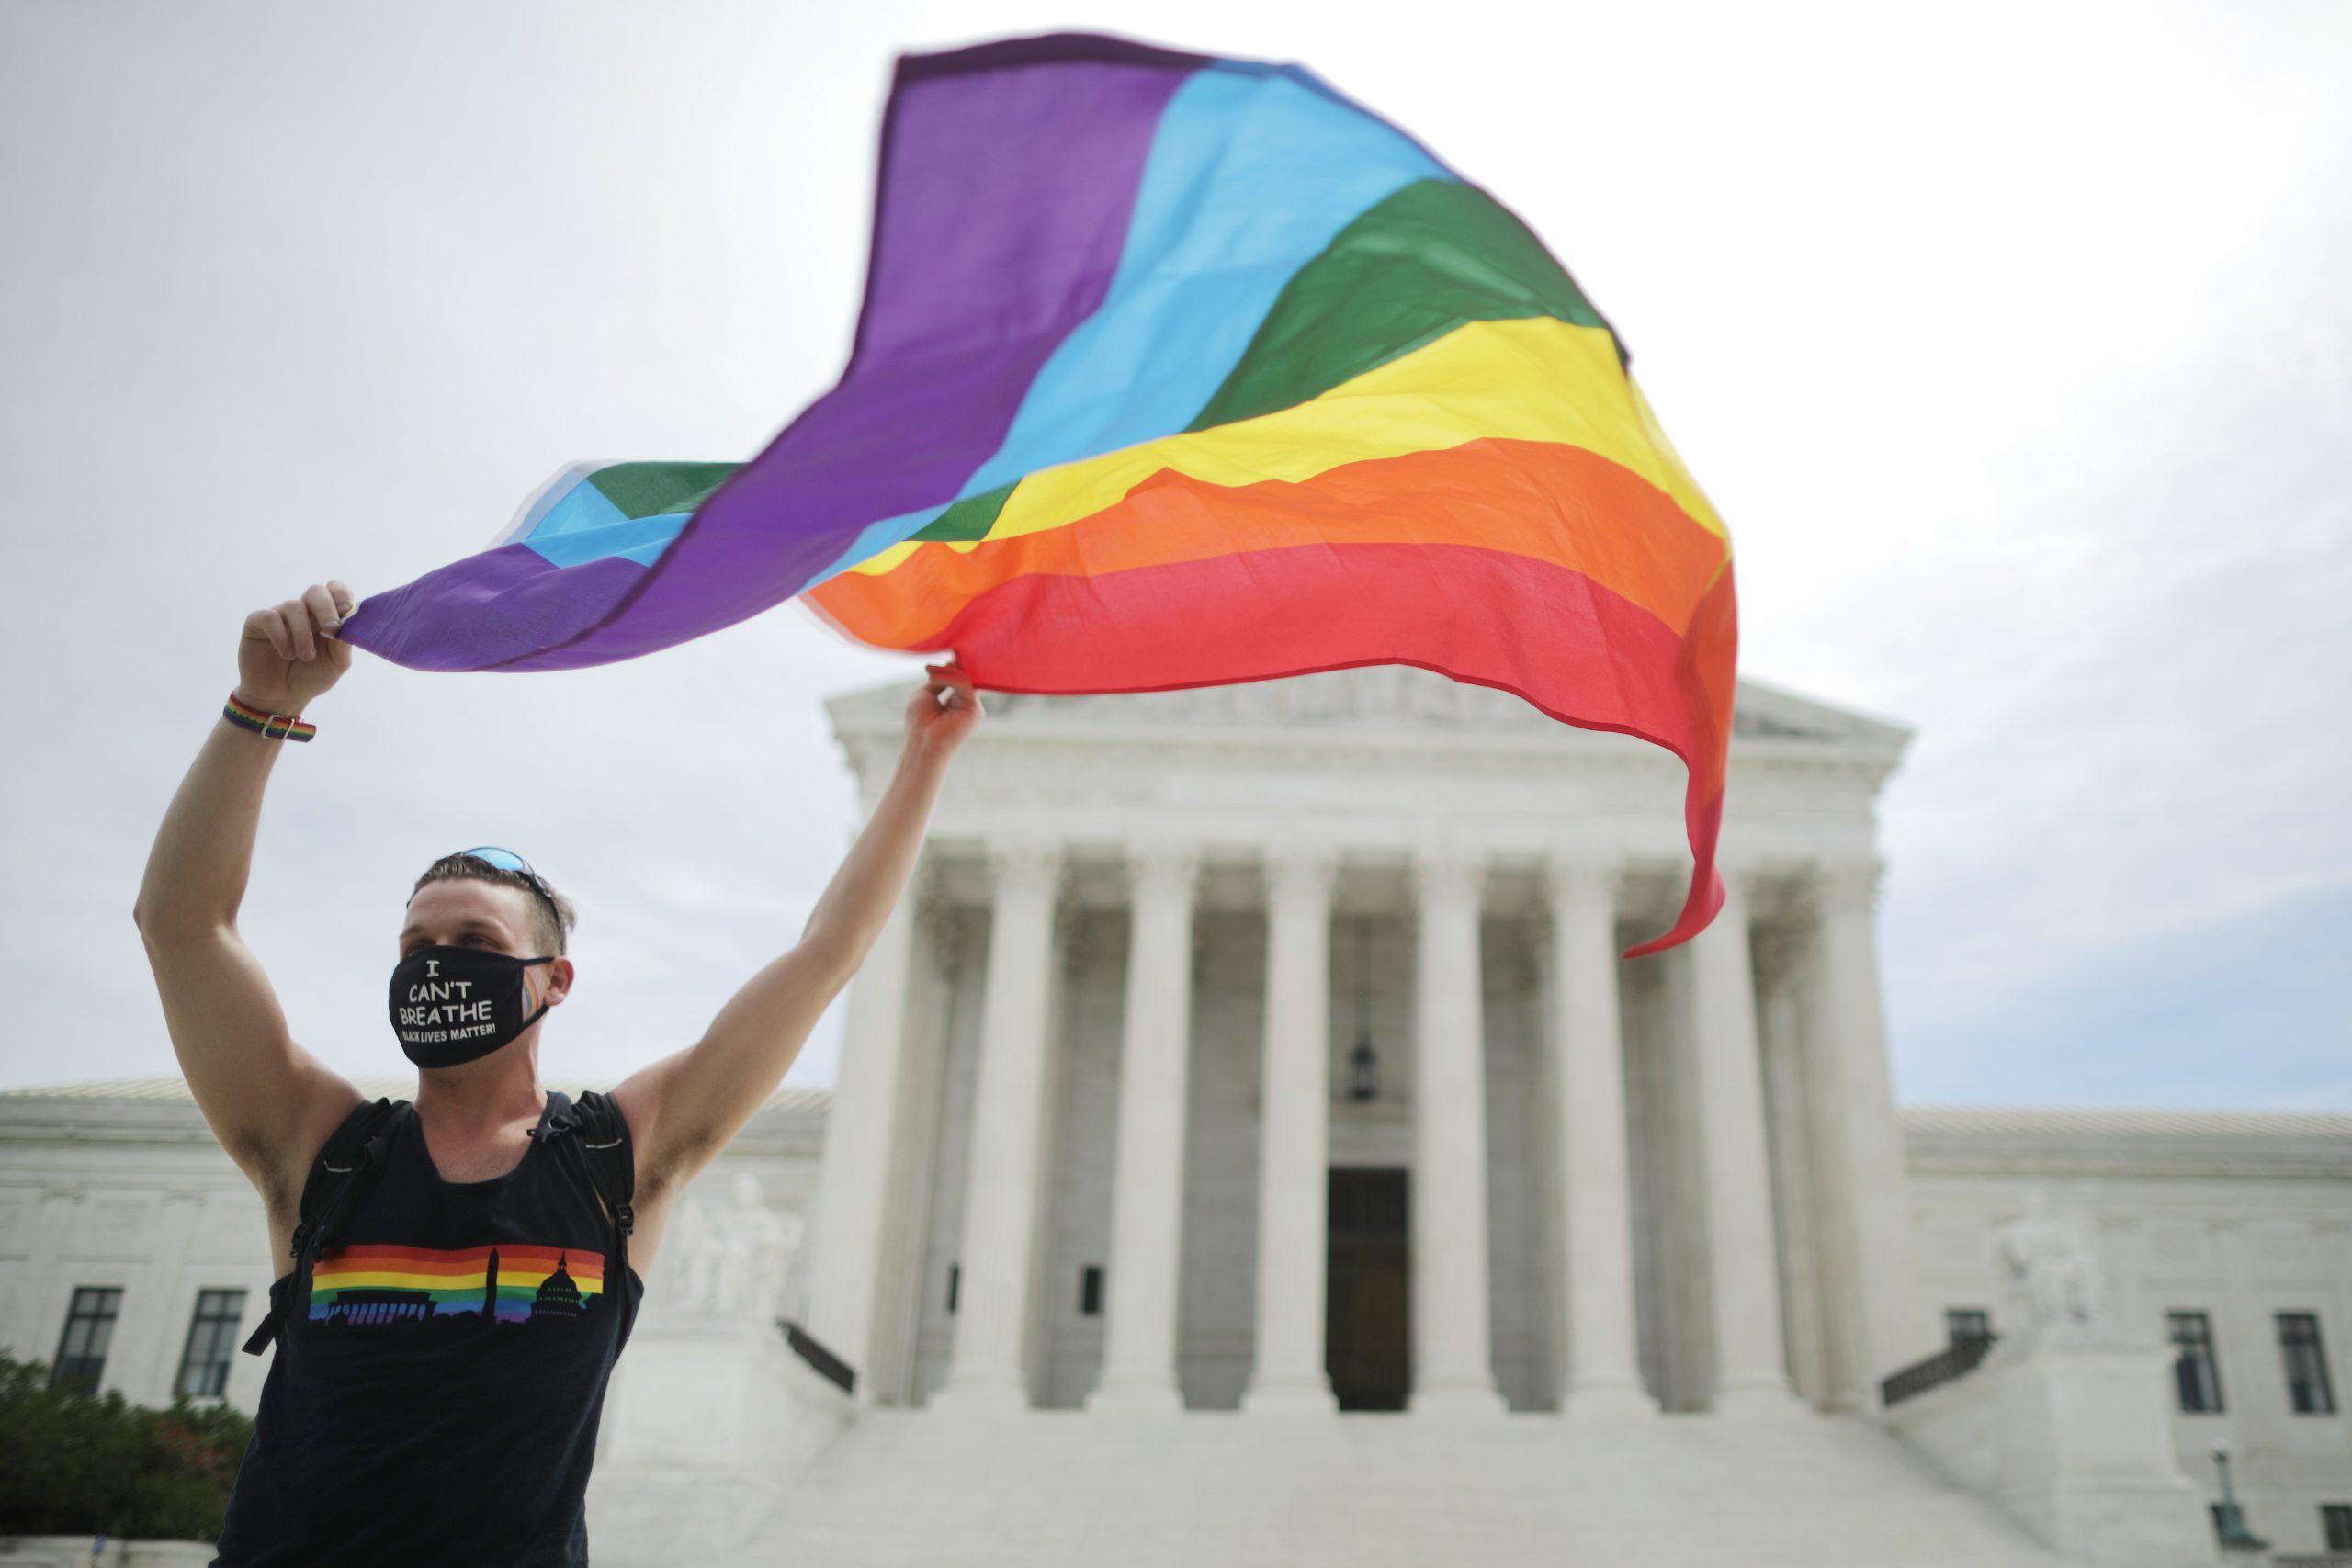 Negli Stati Uniti non si può più licenziare per essere gay o trans, lo stabilisce la Corte Suprema